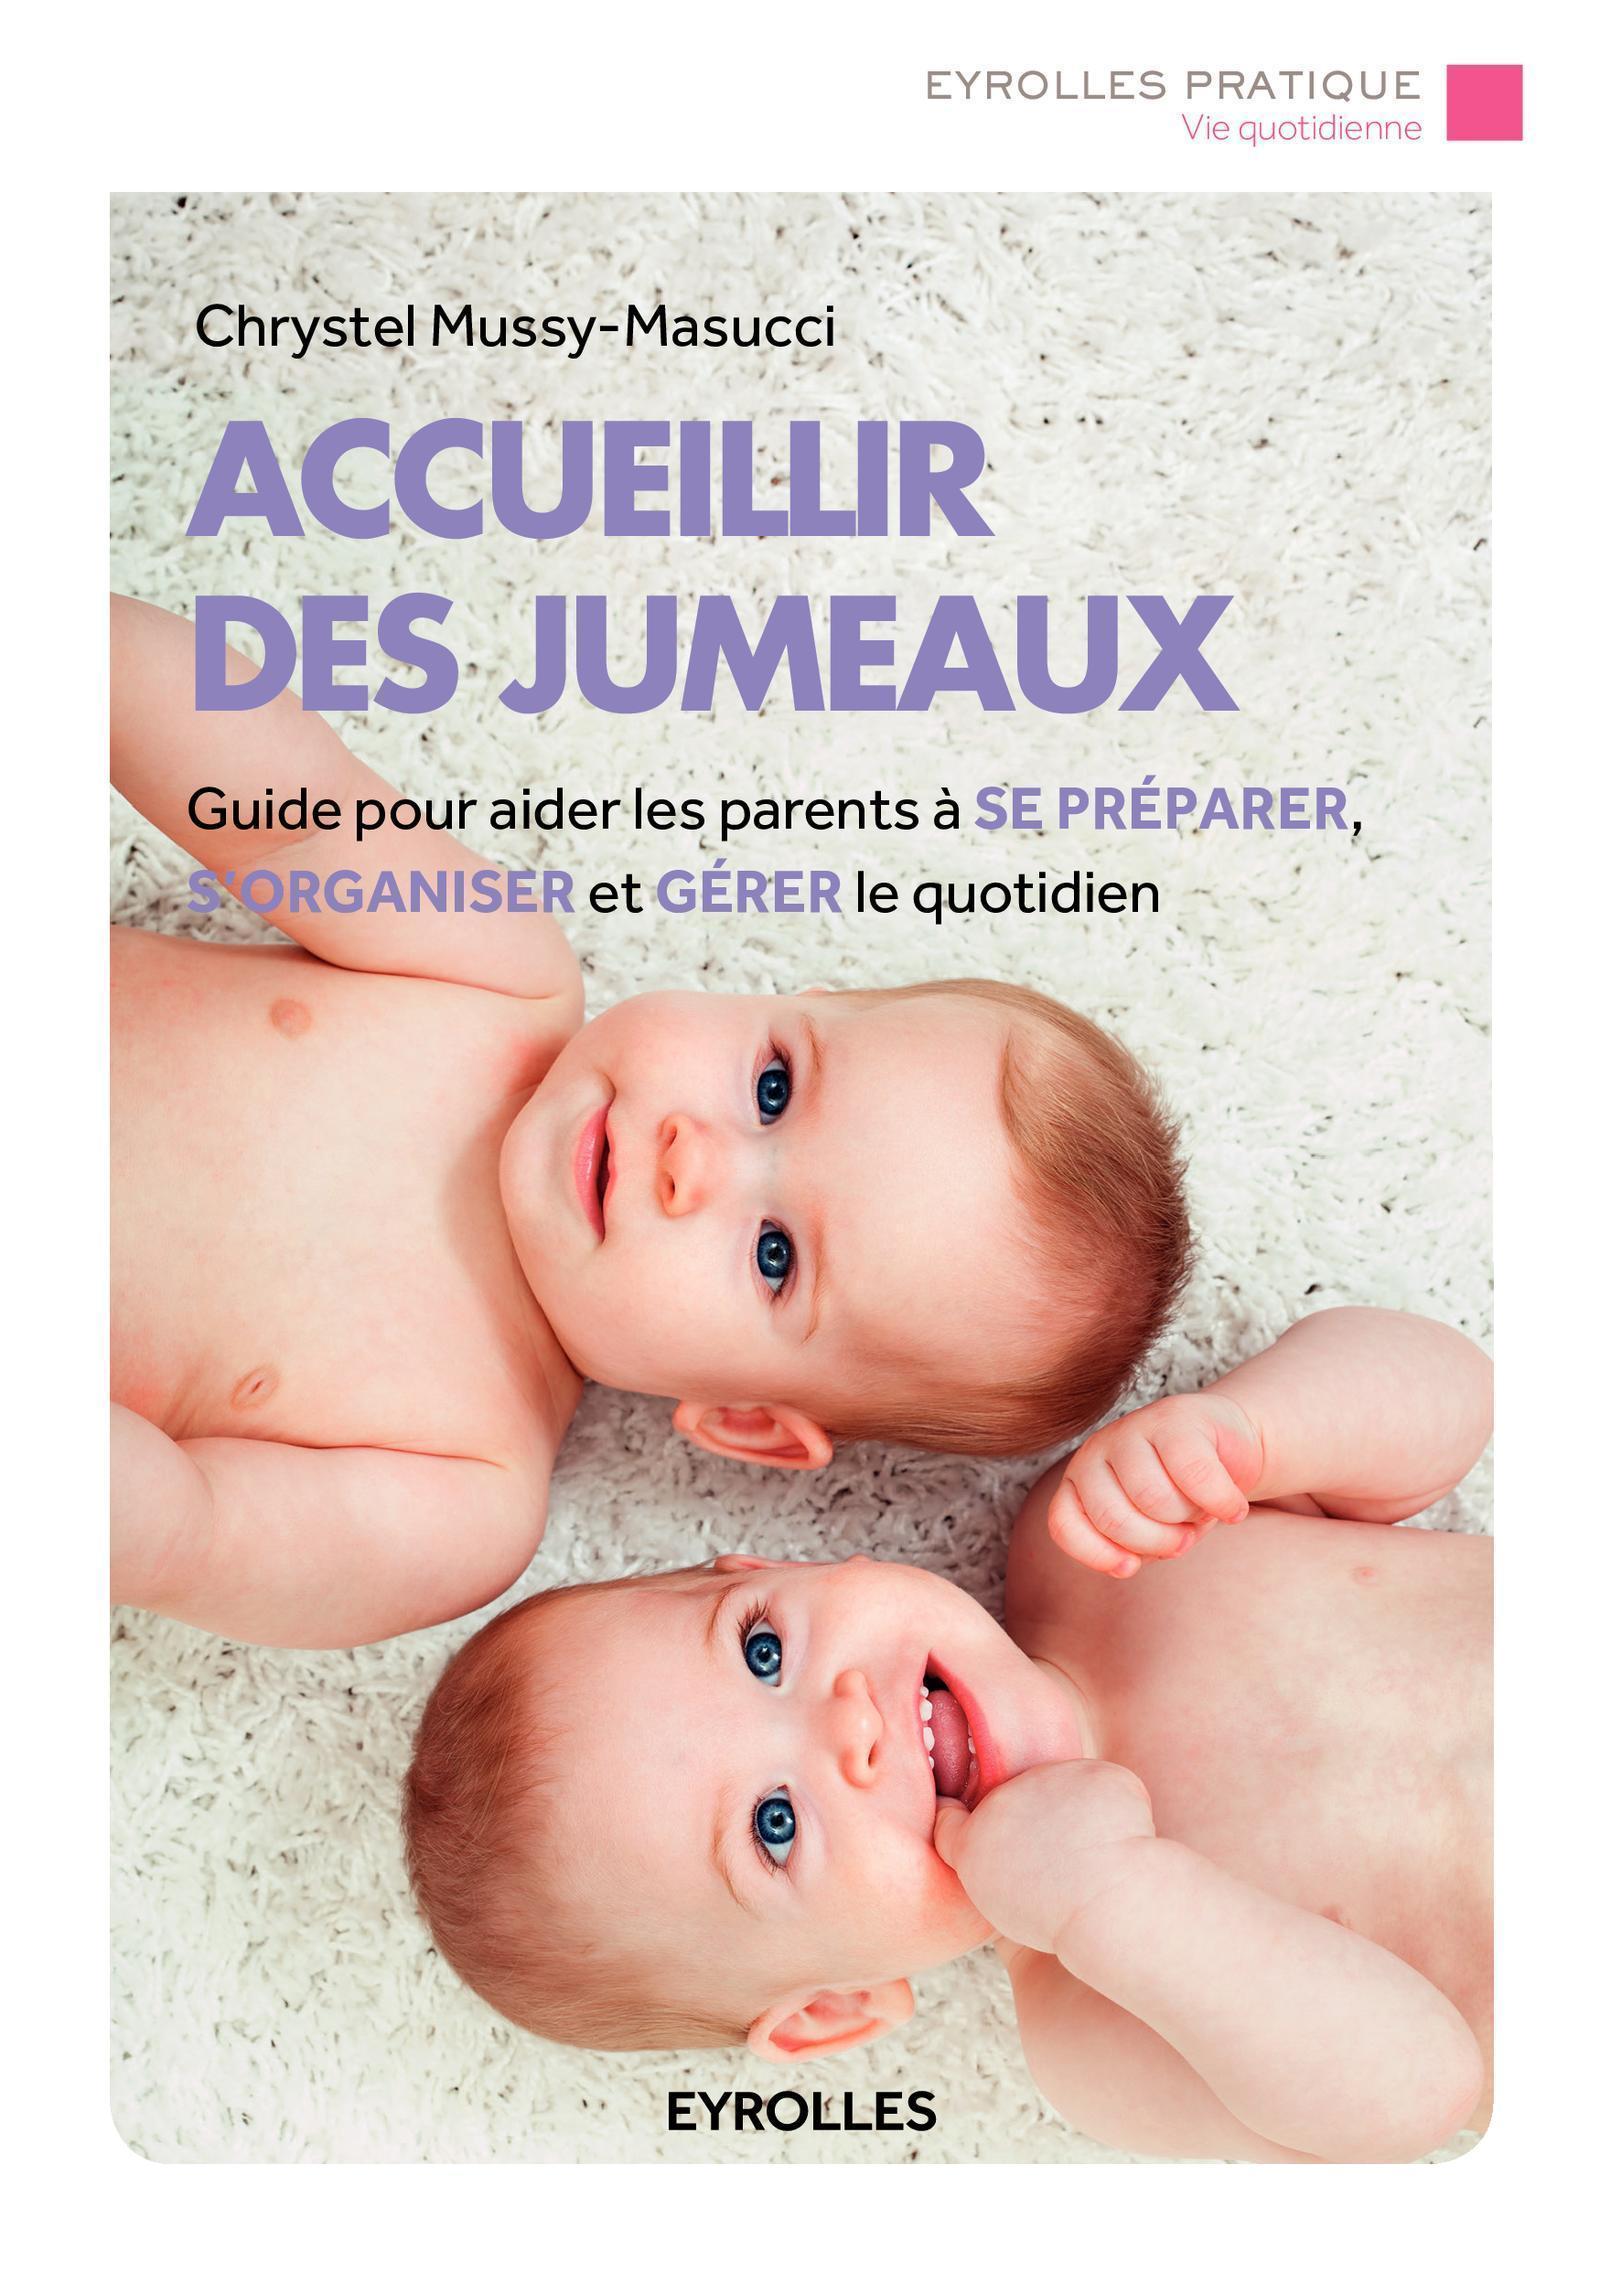 ACCUEILLIR DES JUMEAUX - GUIDE POUR AIDER LES PARENTS A SE PREPARER, S'ORGANISER ET GERER LE QUOTIDI